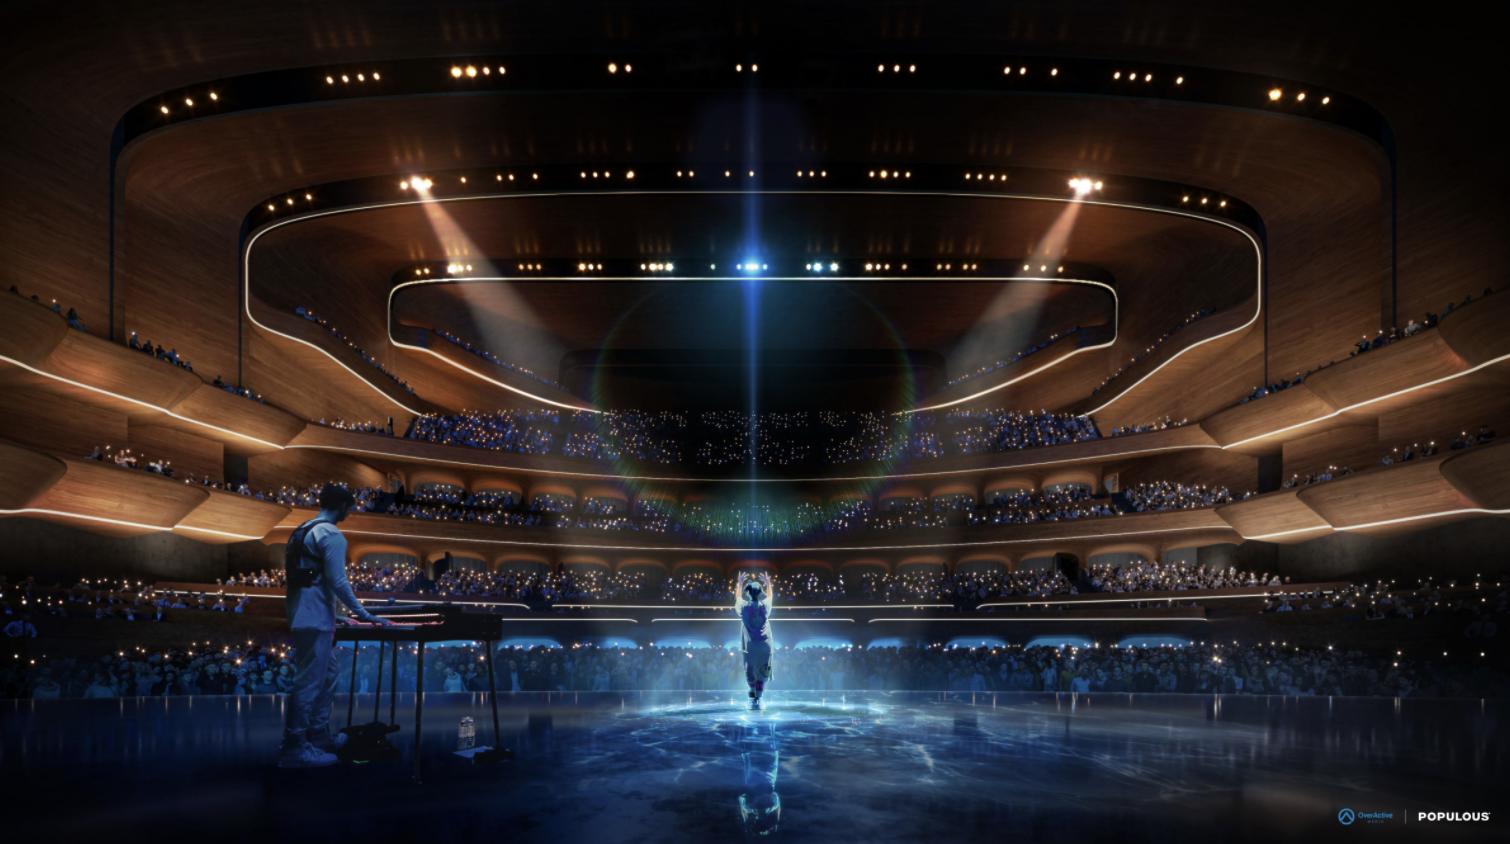 加拿大多伦多将修建7000人电竞体育馆 造型很梦幻